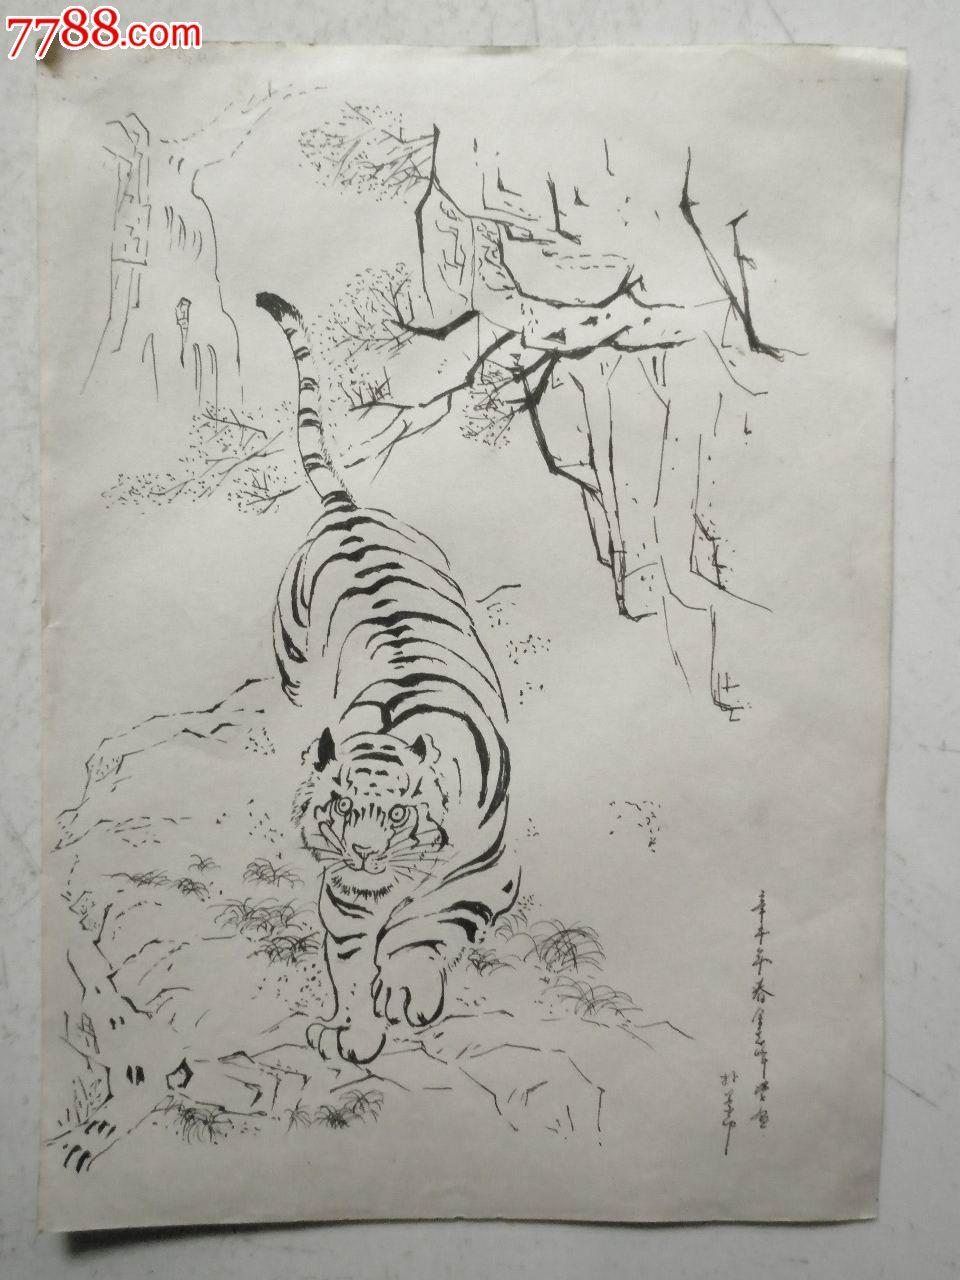 虎素描铅笔画-老虎画稿